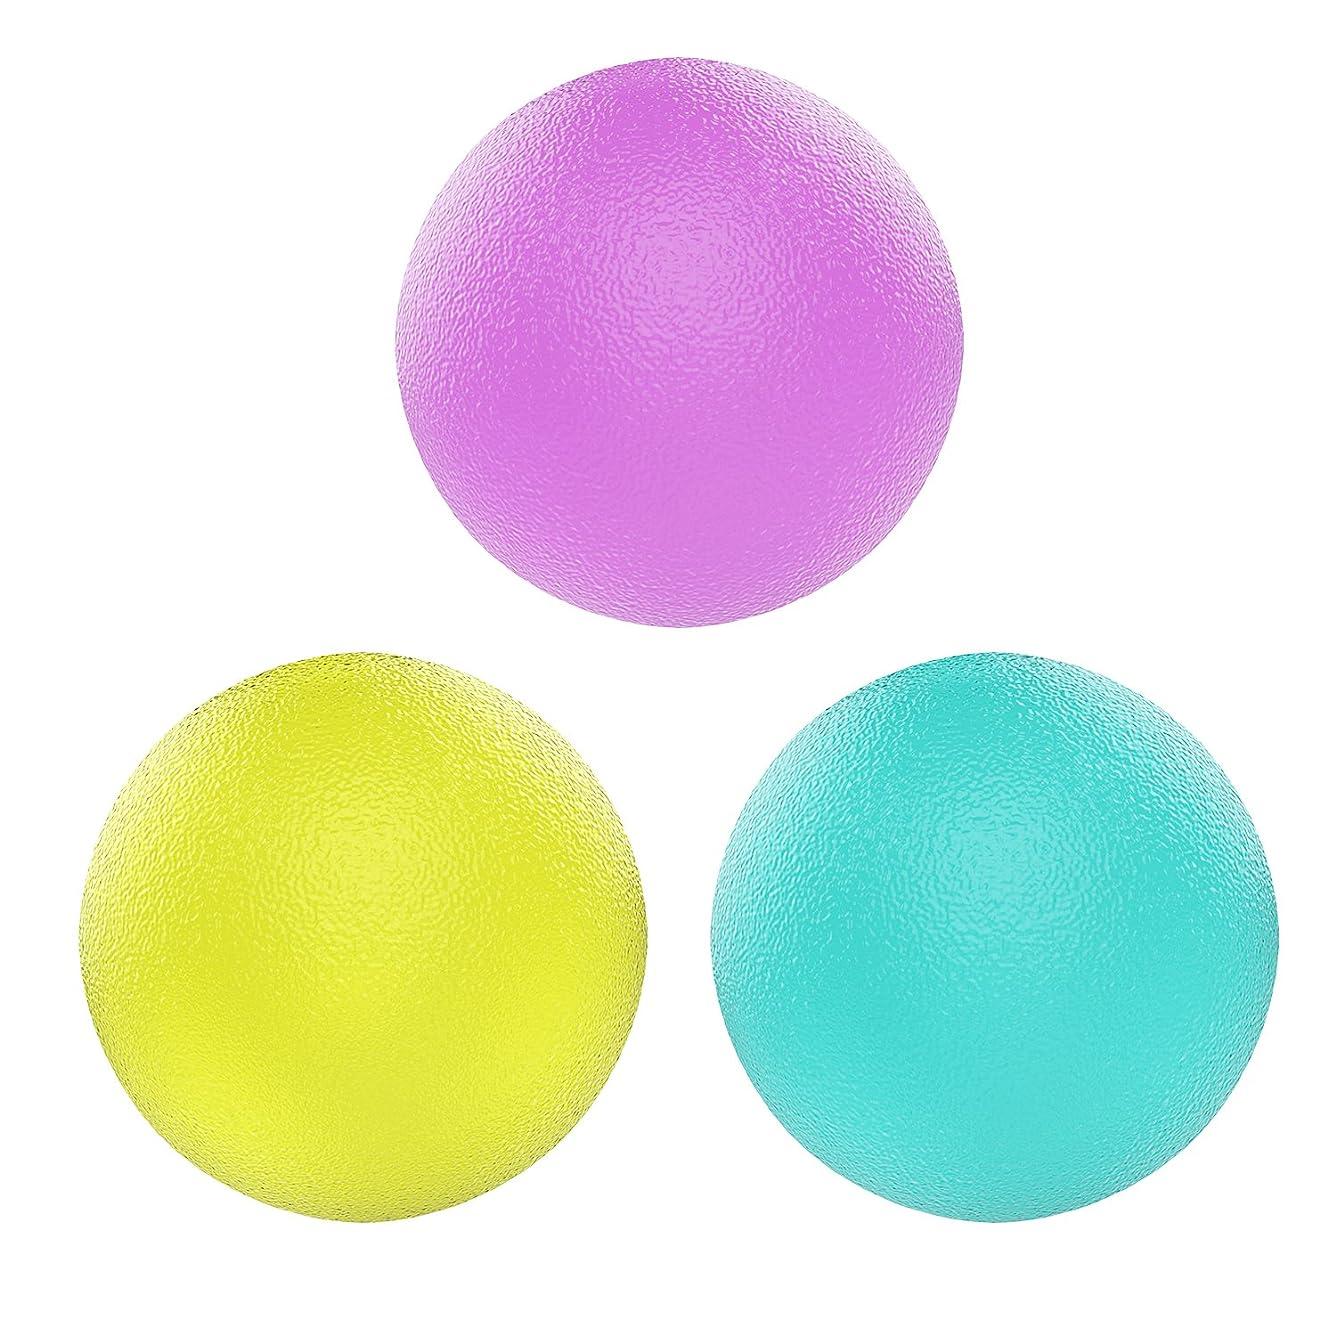 まっすぐにする項目ますます握力ボール - ATiC 筋トレ TPE製 高反発 ストレス解消 握力強化 リハビリやトレーニングにオススメ 三段階の負荷力 3点セット